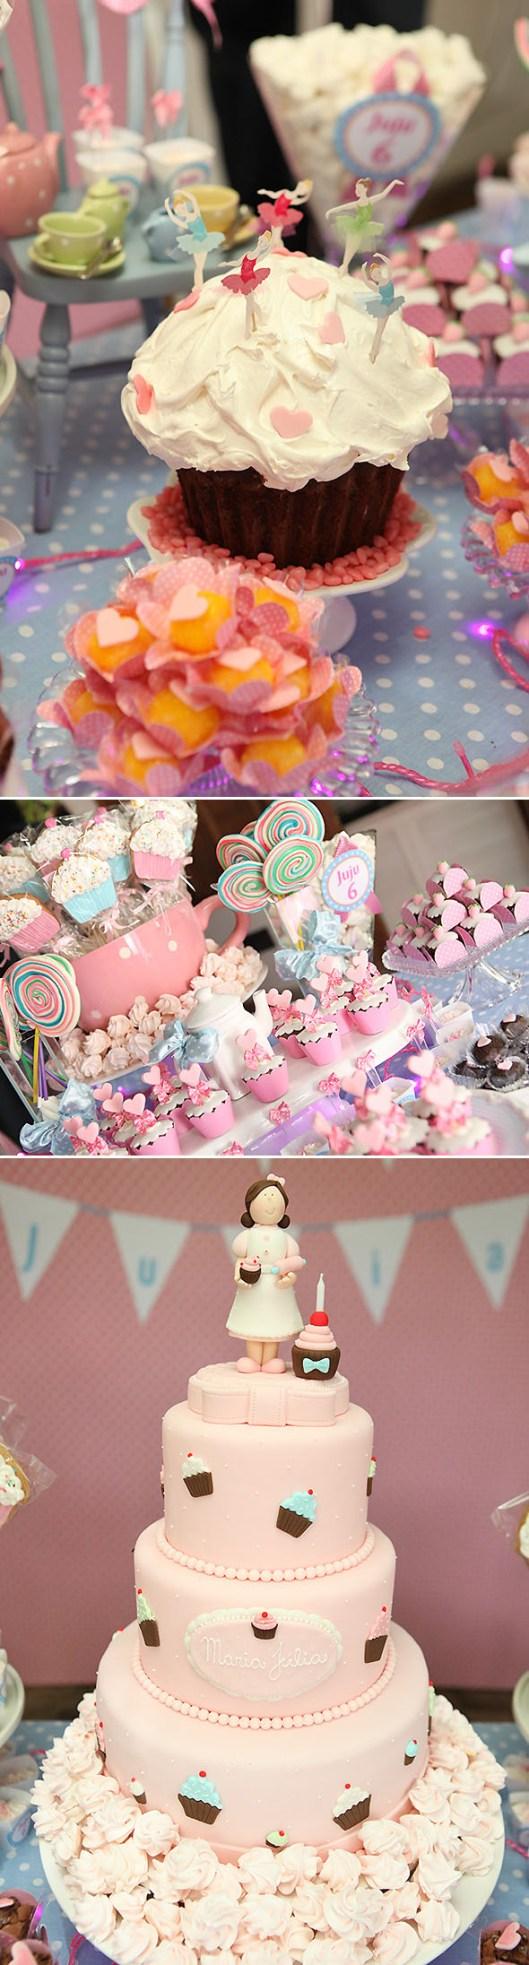 Eventos_Aniversário Cupcake04